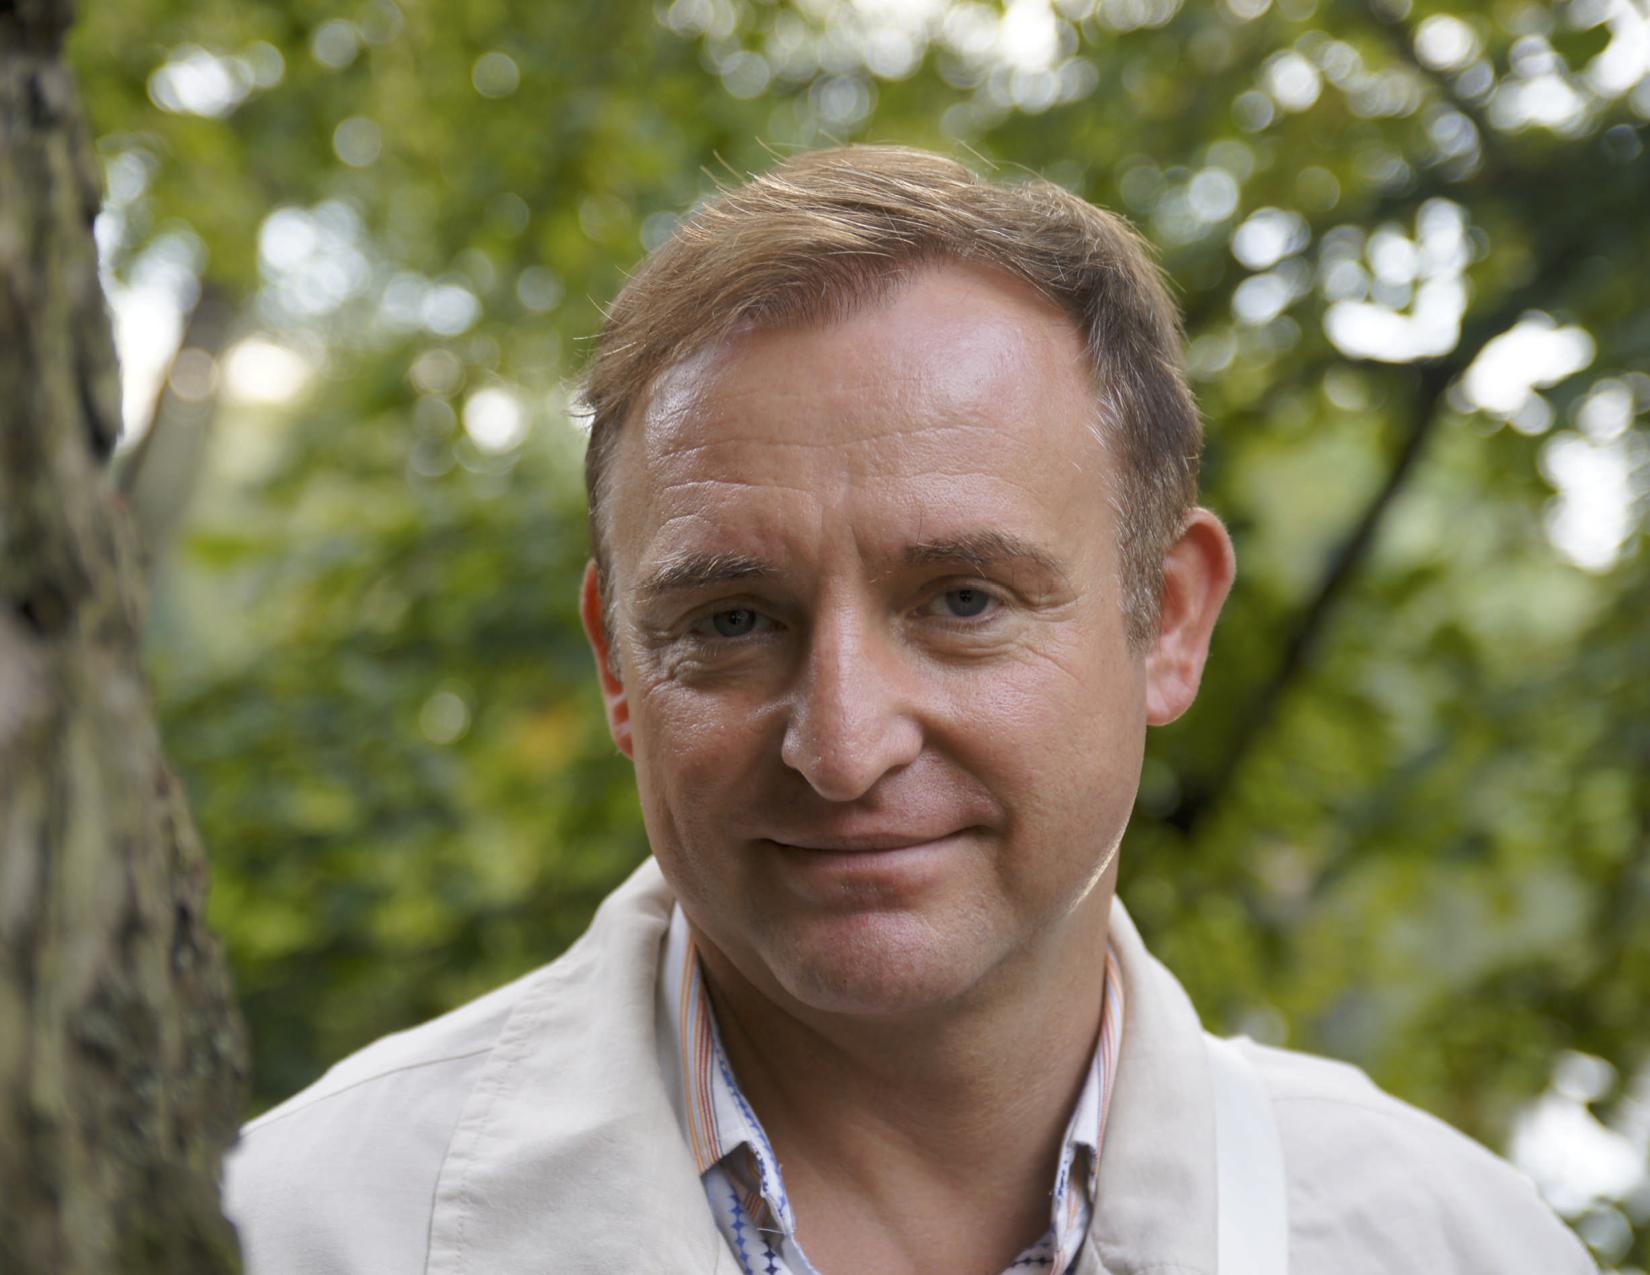 Andrzej Wiercinski Net Worth